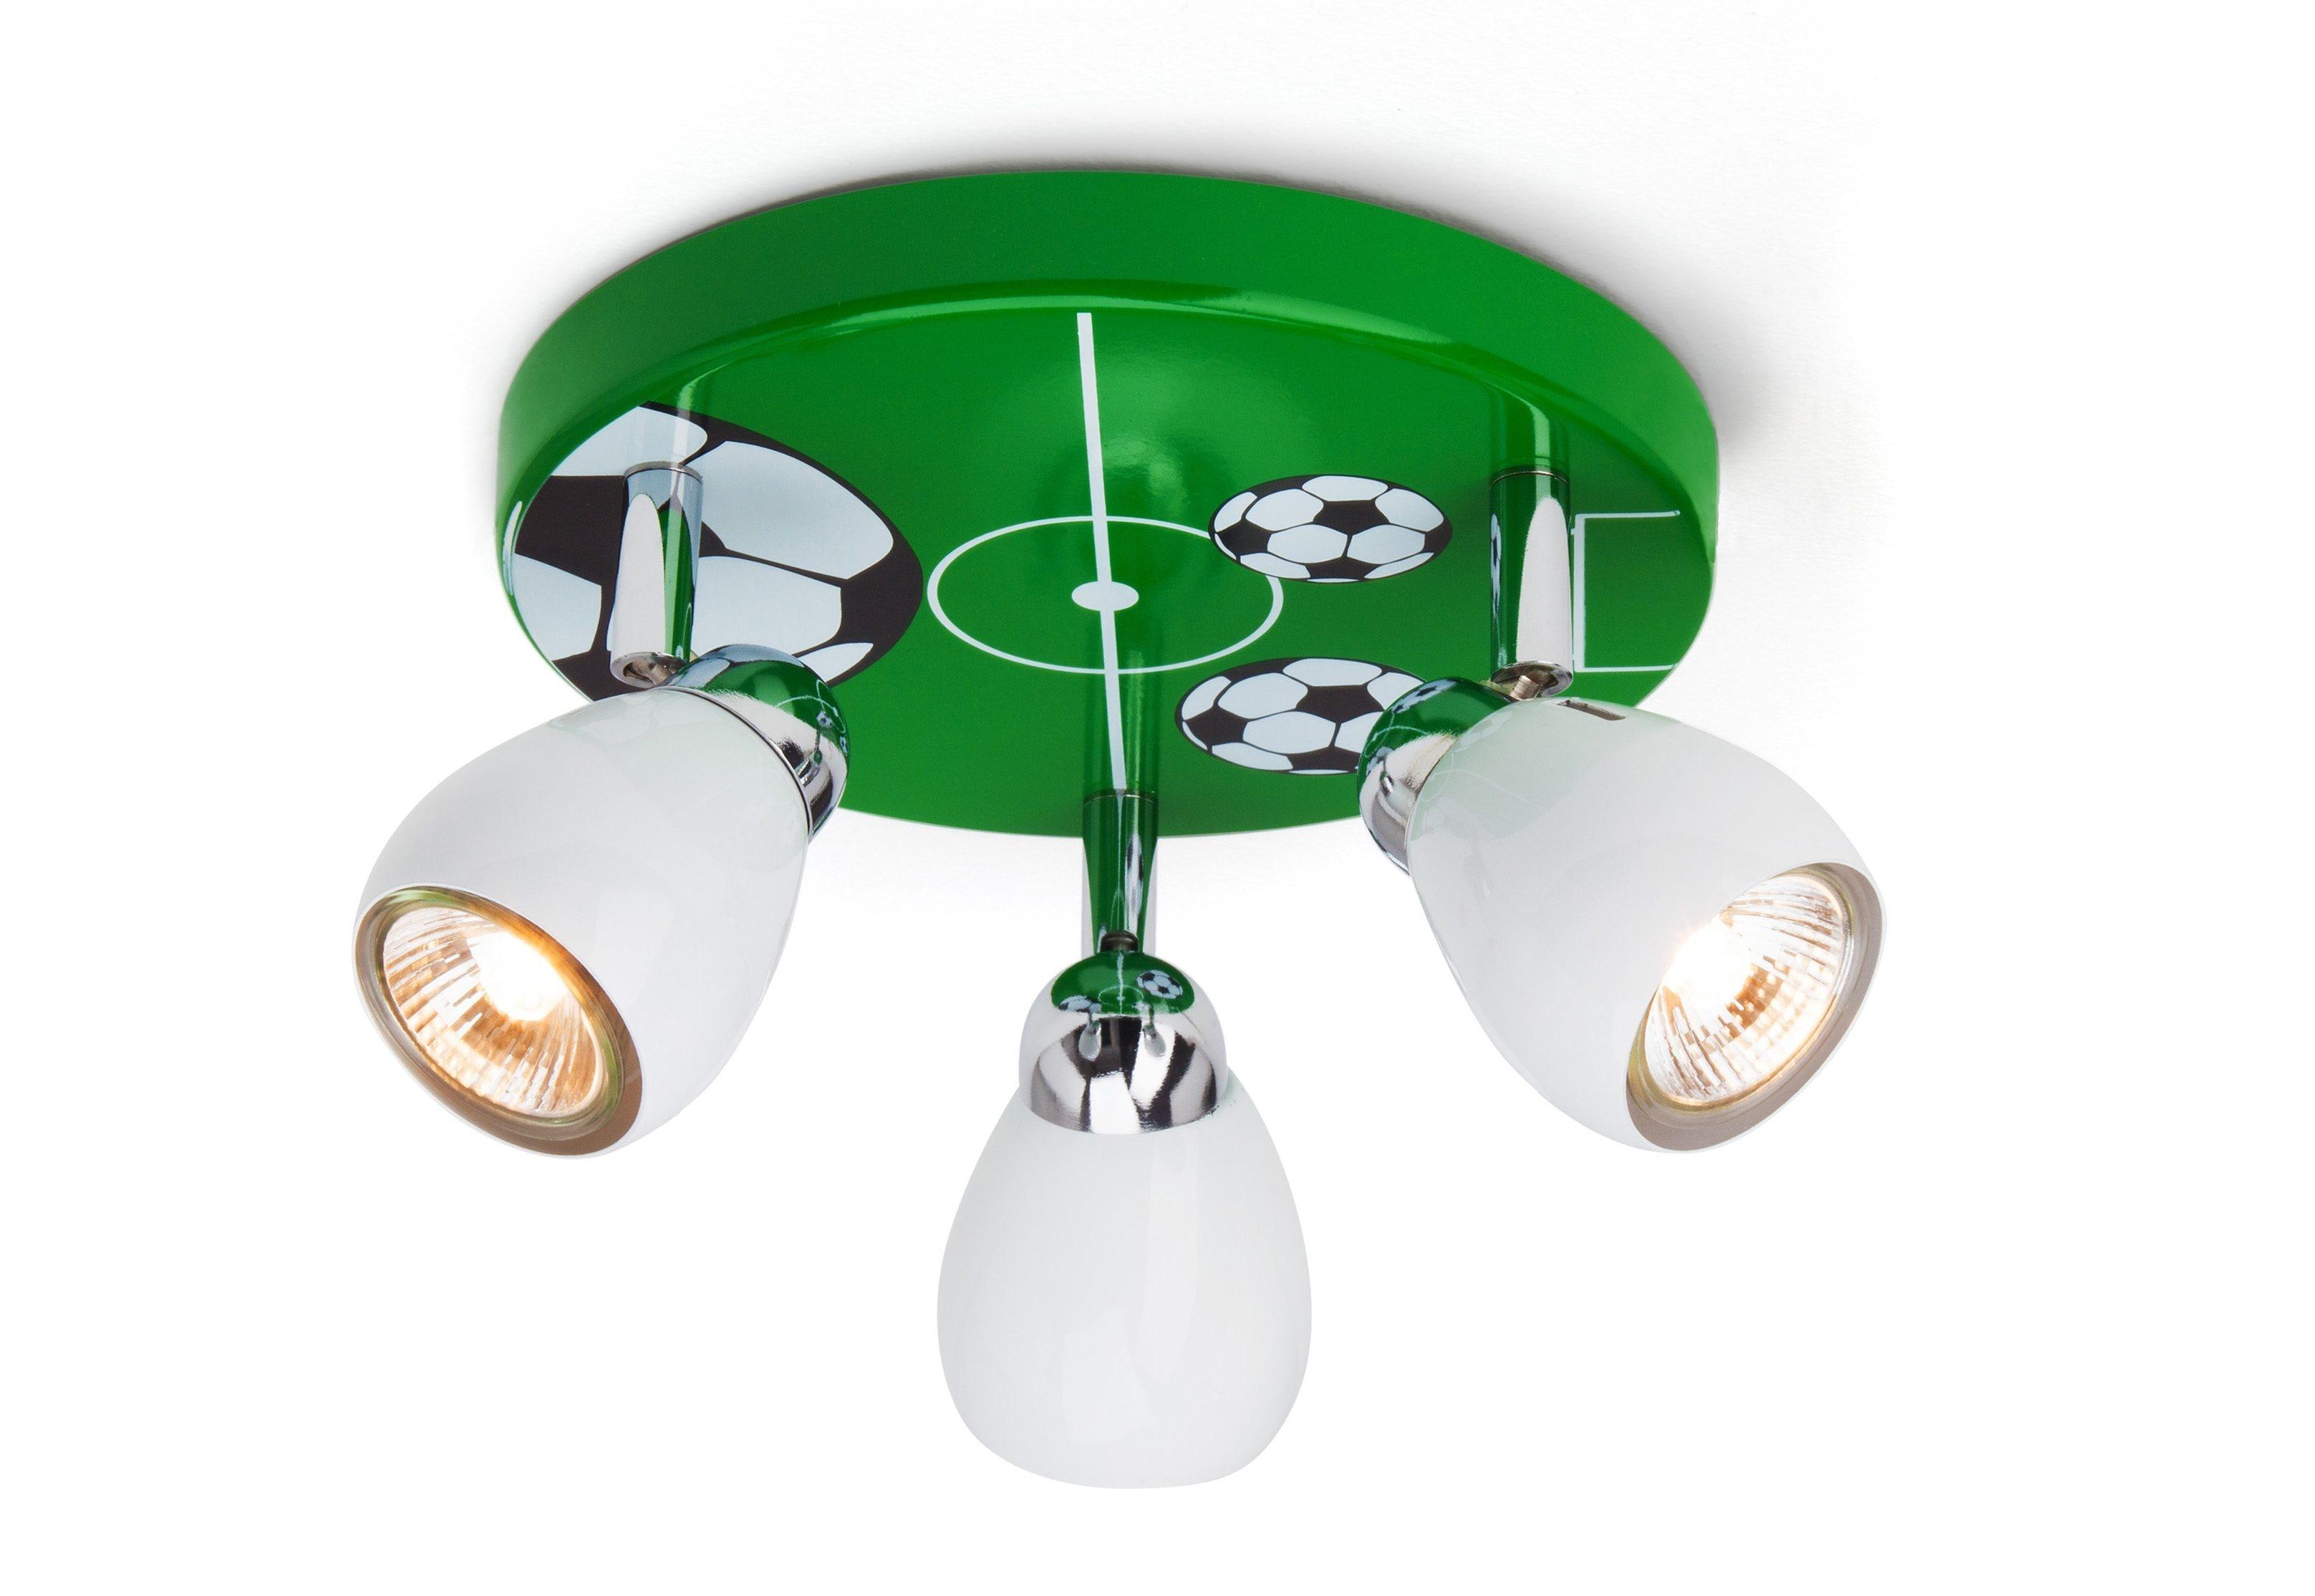 Brilliant Leuchten Deckenstrahler SOCCER, GU10, Warmweiß, Deckenlampe